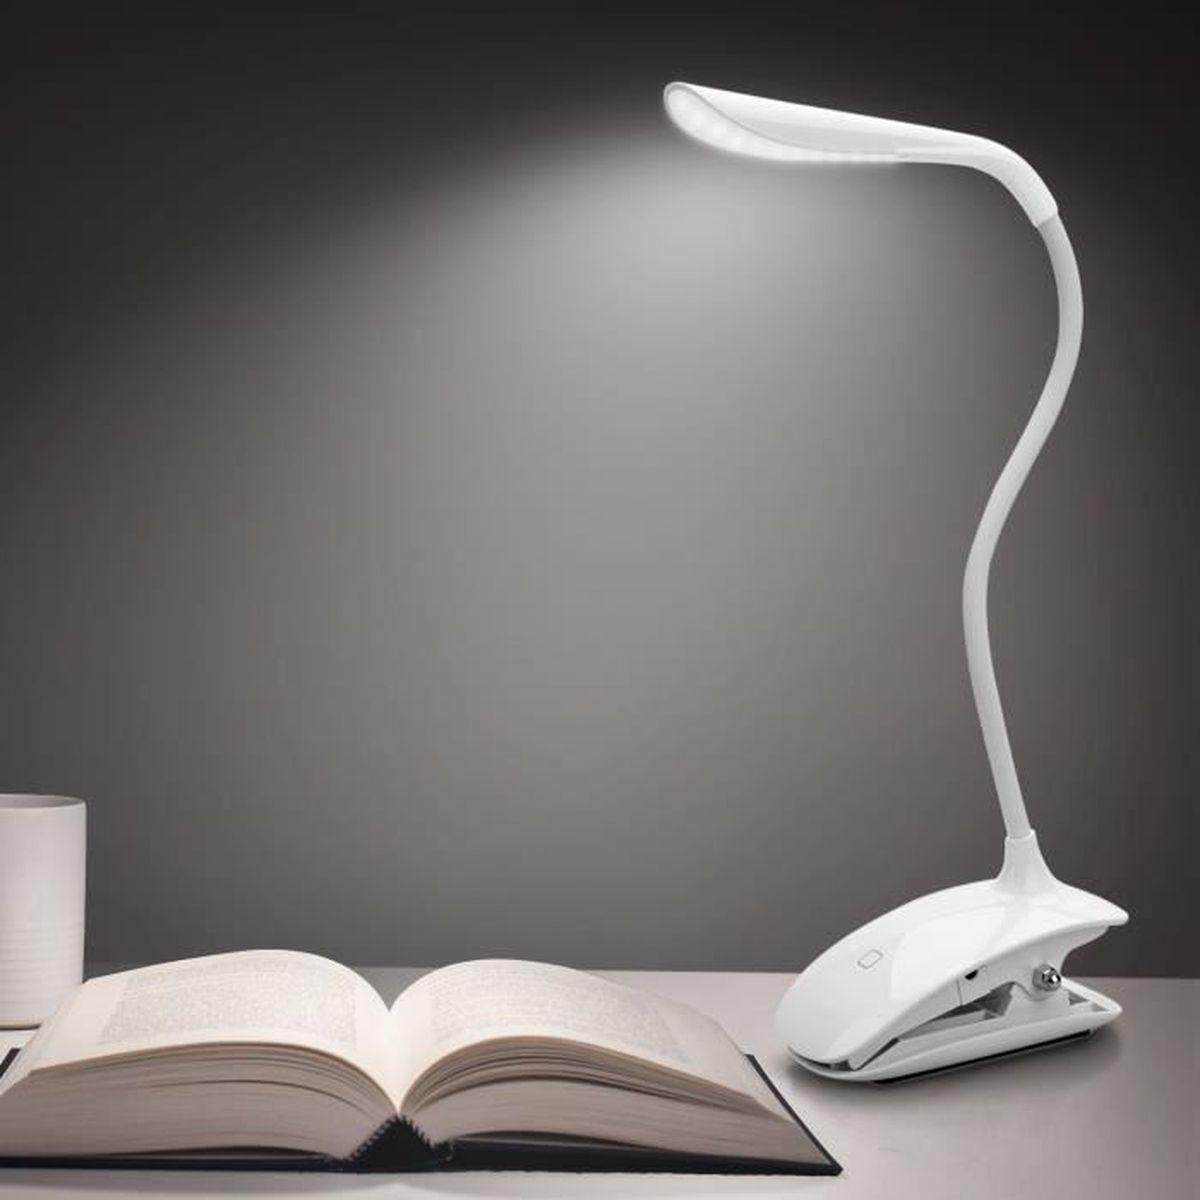 Lampe Clipsable Lecture Liseuse Led Rechargeable Lampe Flexible